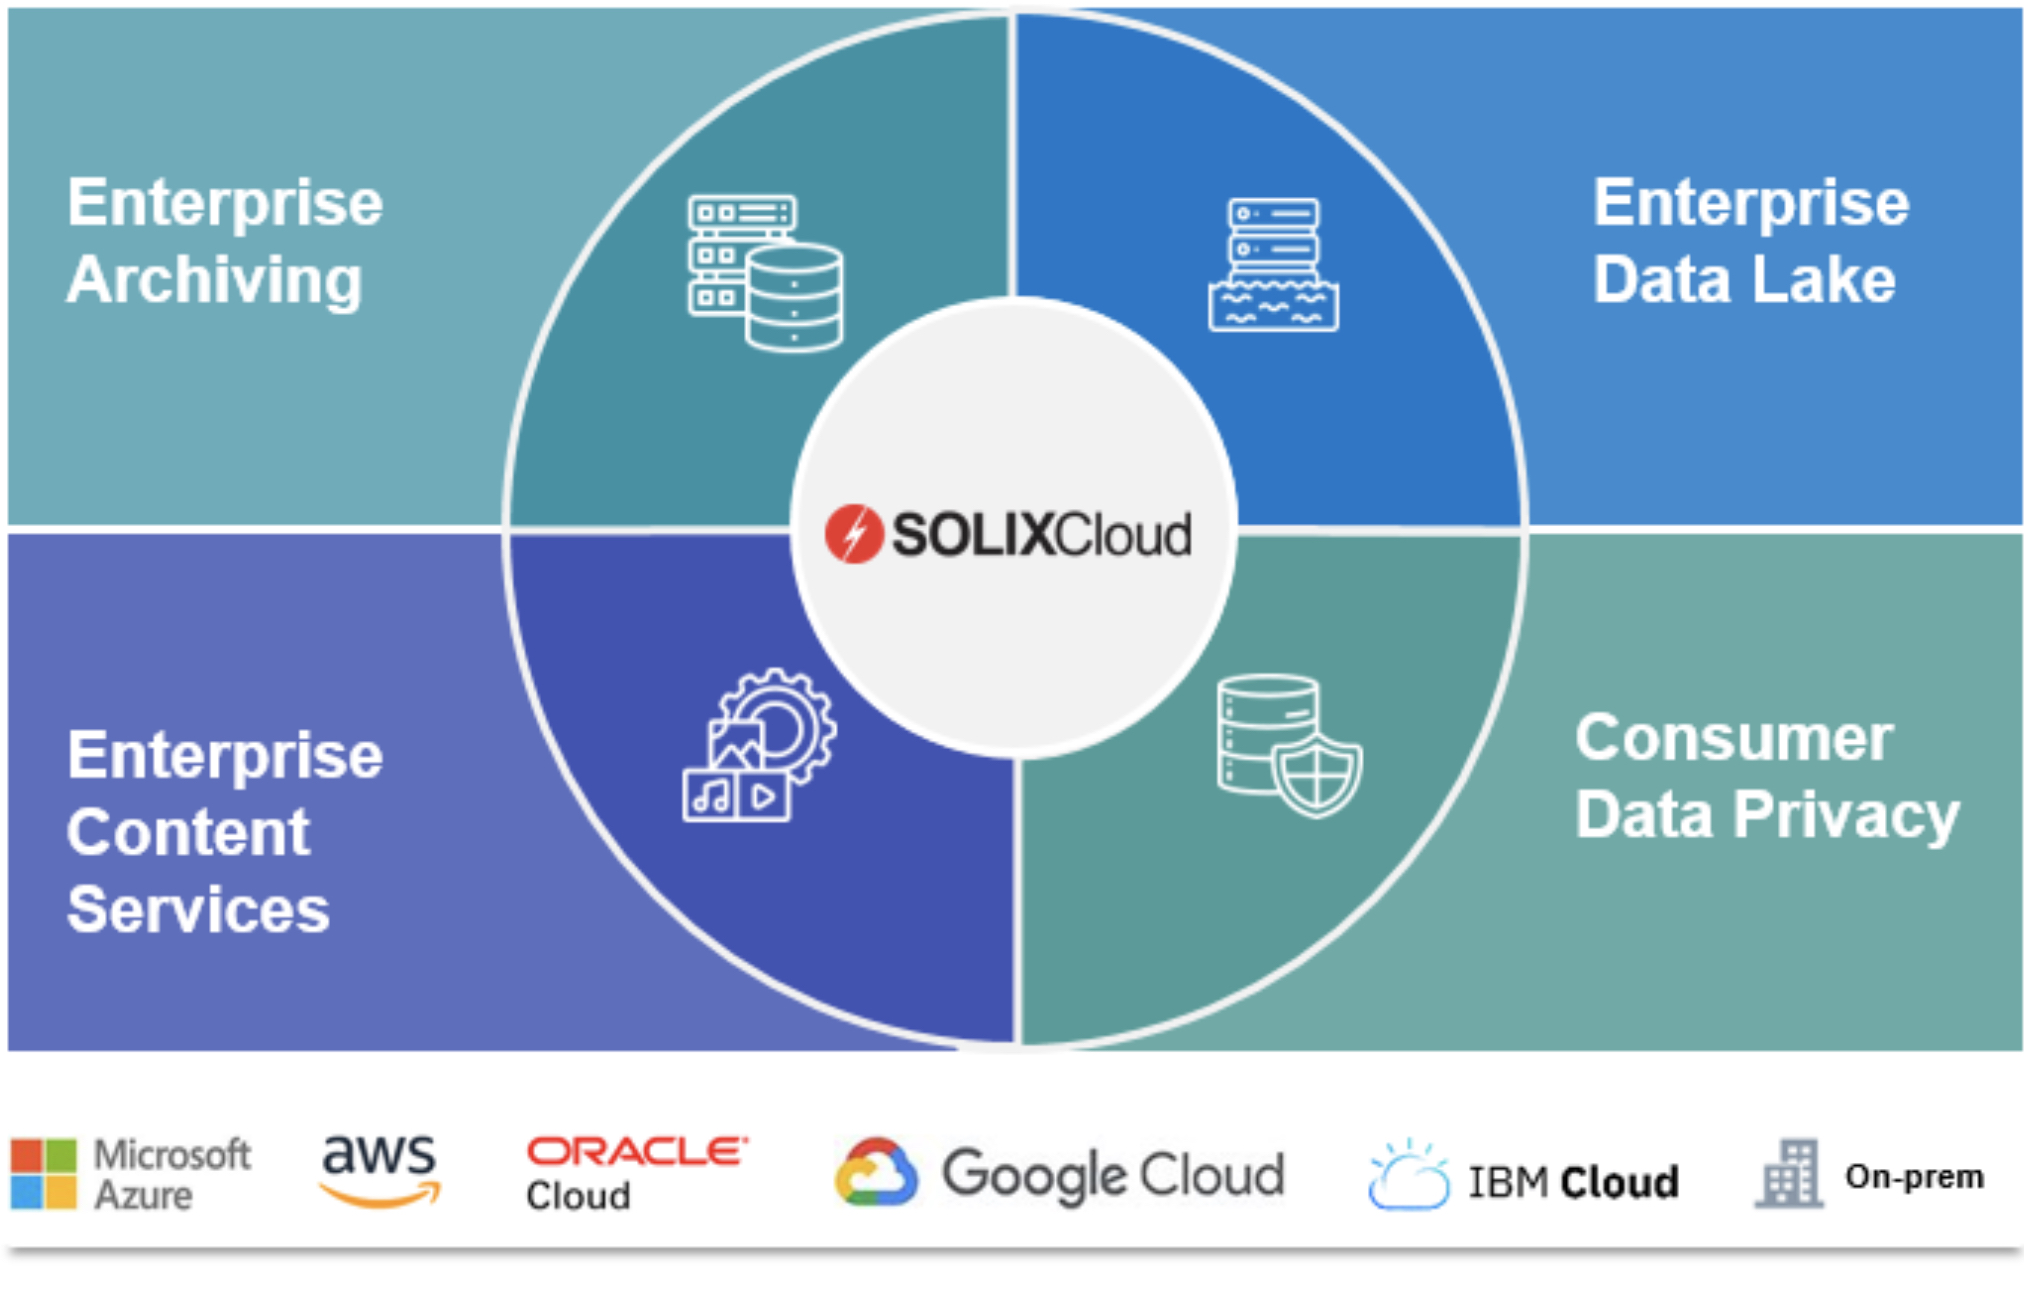 cloud data management platform solixcloud